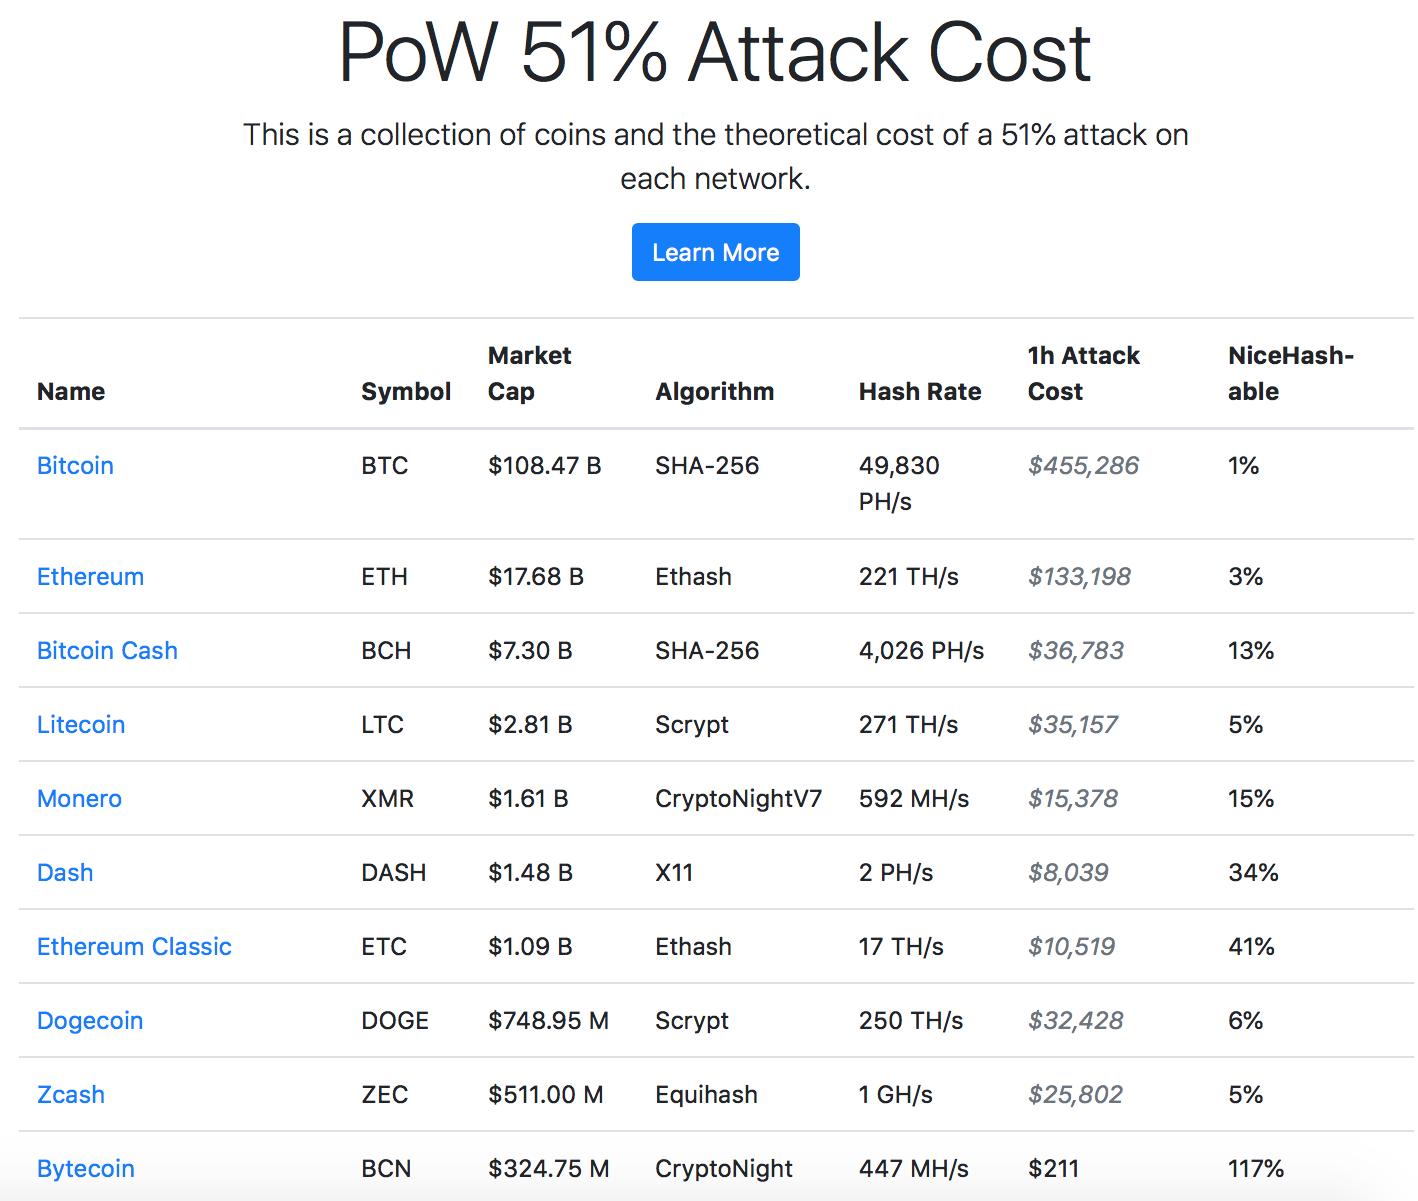 Costo estimado de una hora de un ataque del 51 % sobre las principales criptomonedas